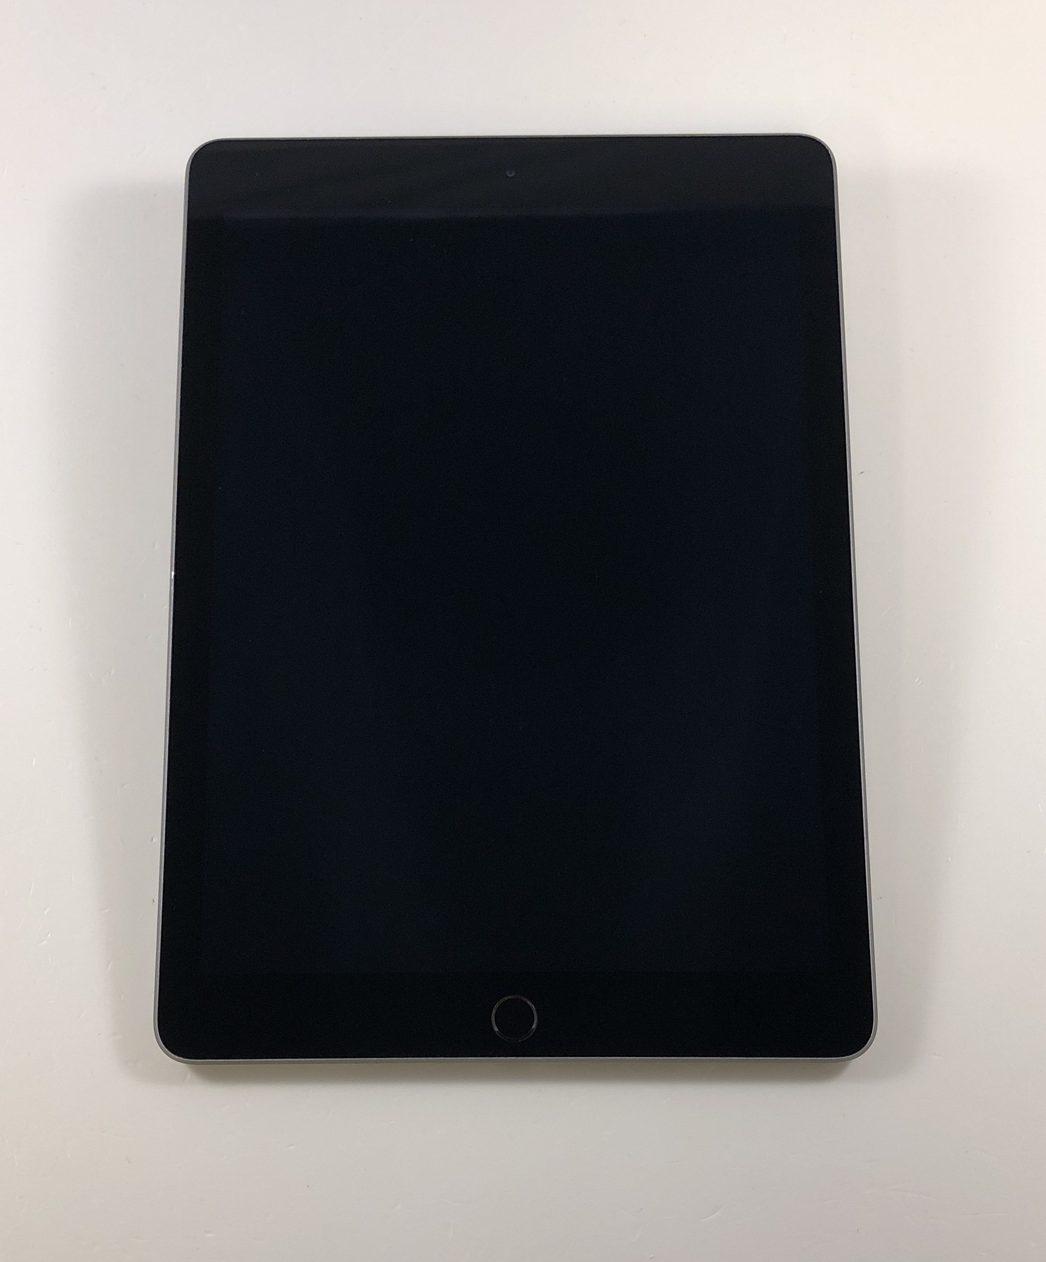 iPad 5 Wi-Fi 128GB, 128GB, Space Gray, Afbeelding 1